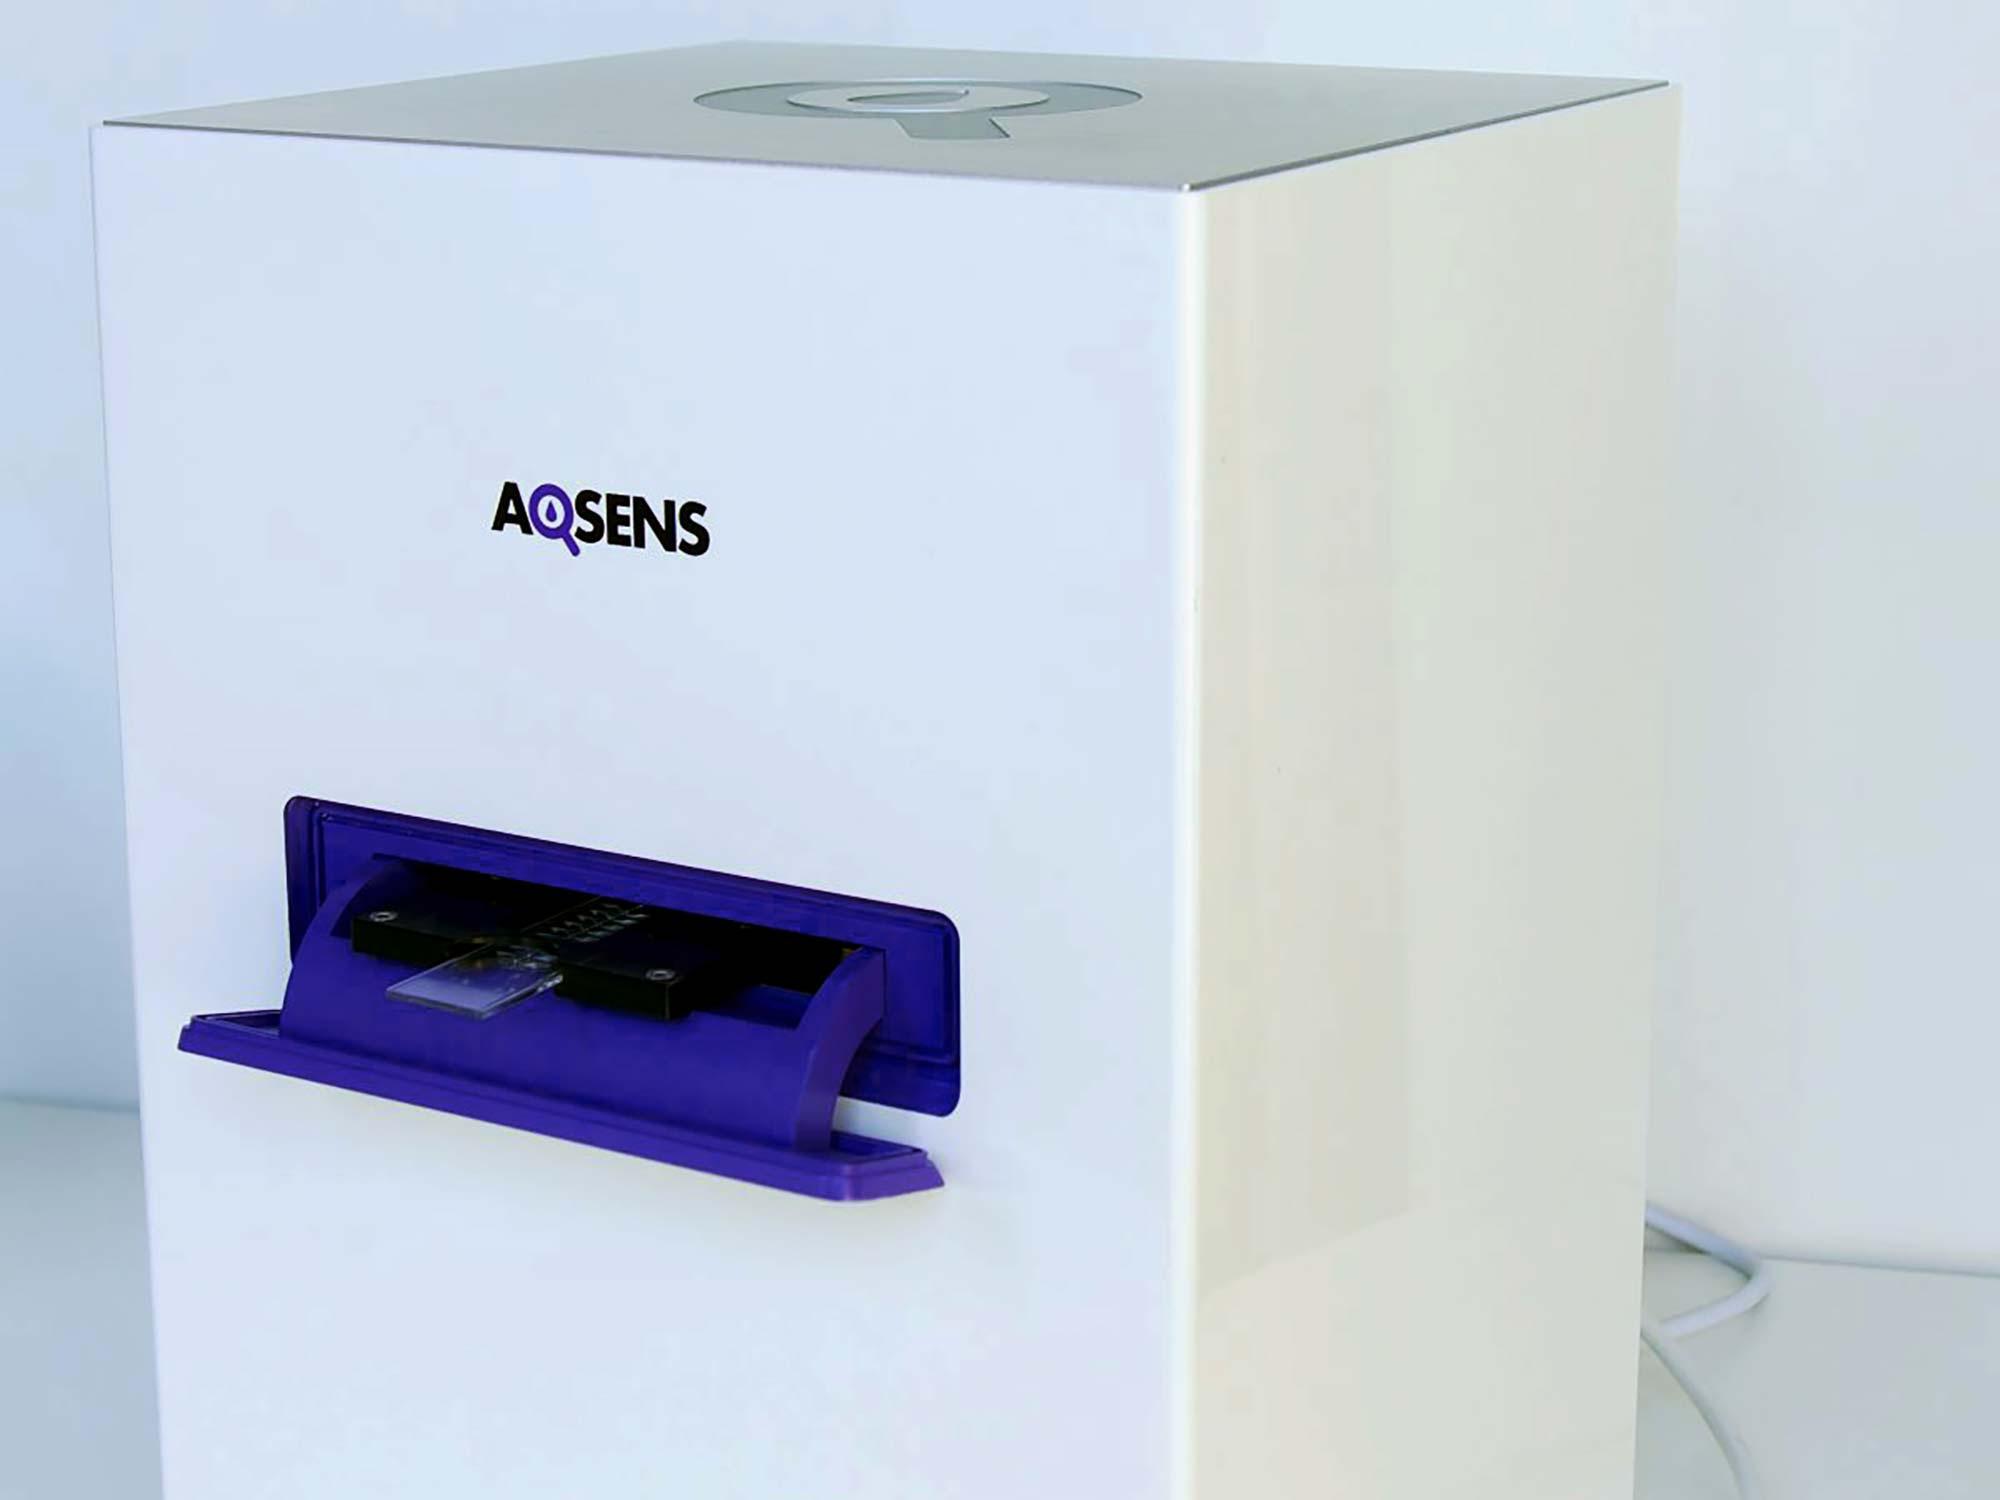 Aqsens Link Design